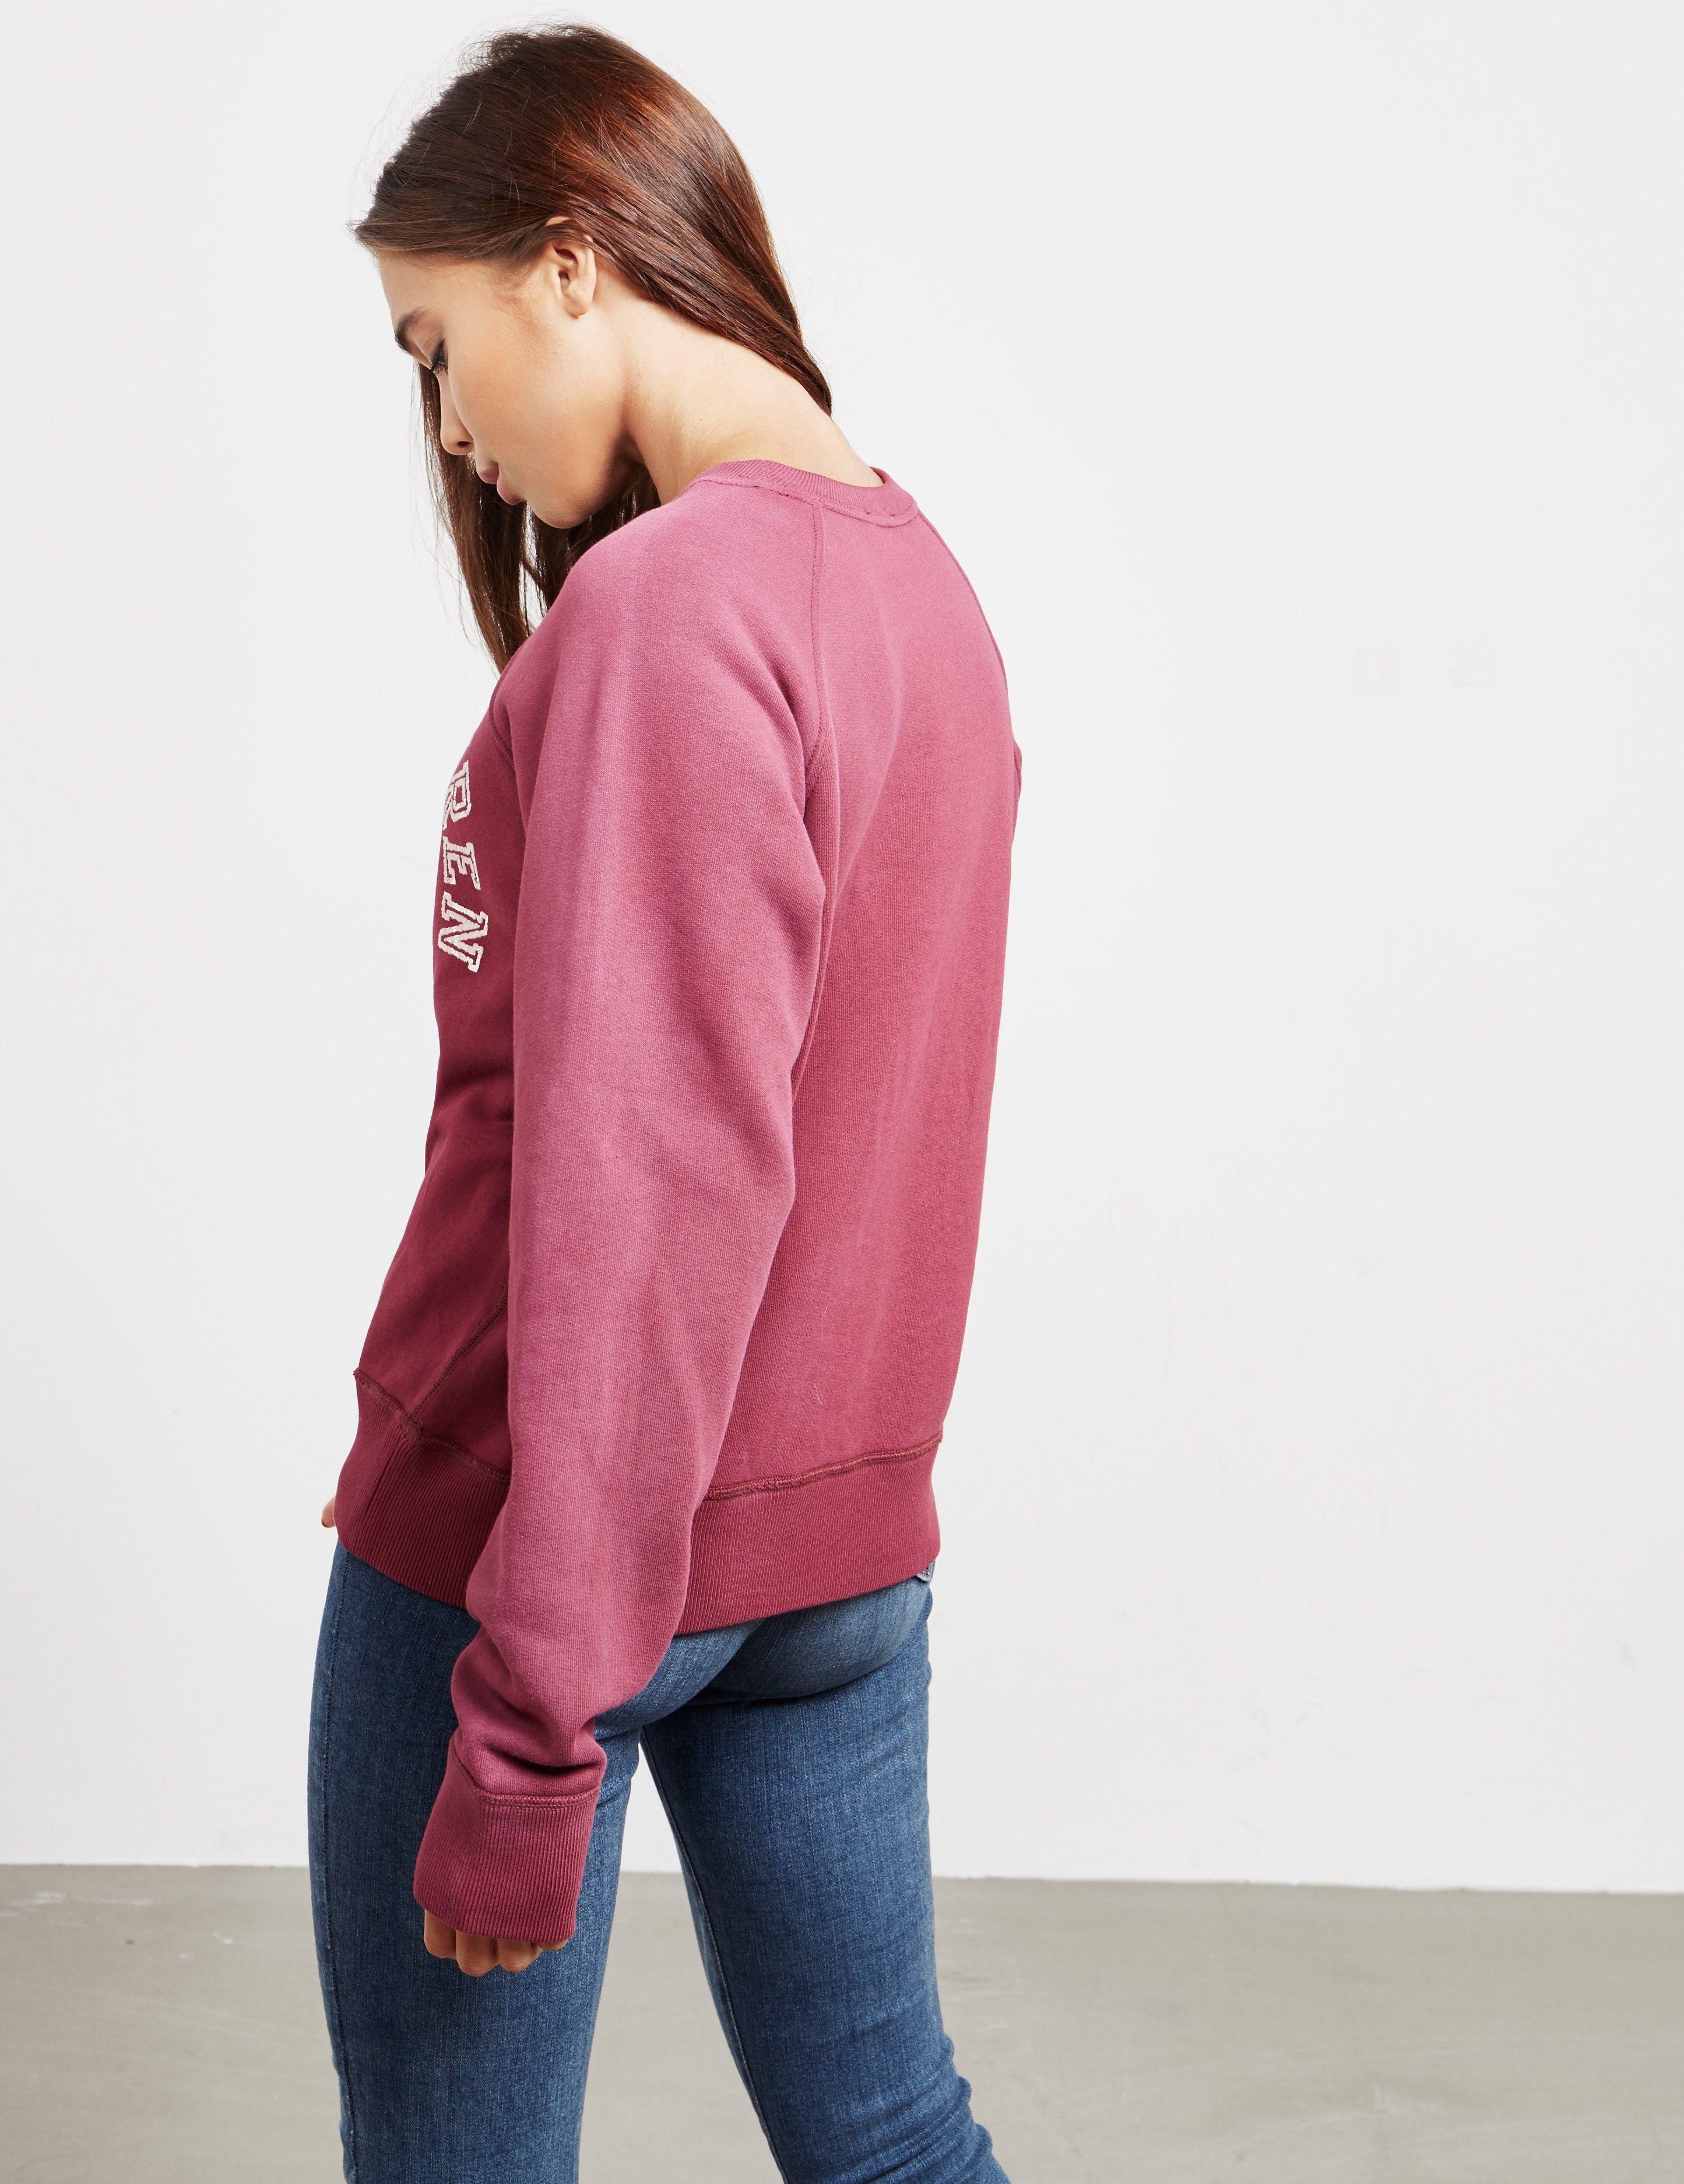 Polo Ralph Lauren College Sweatshirt